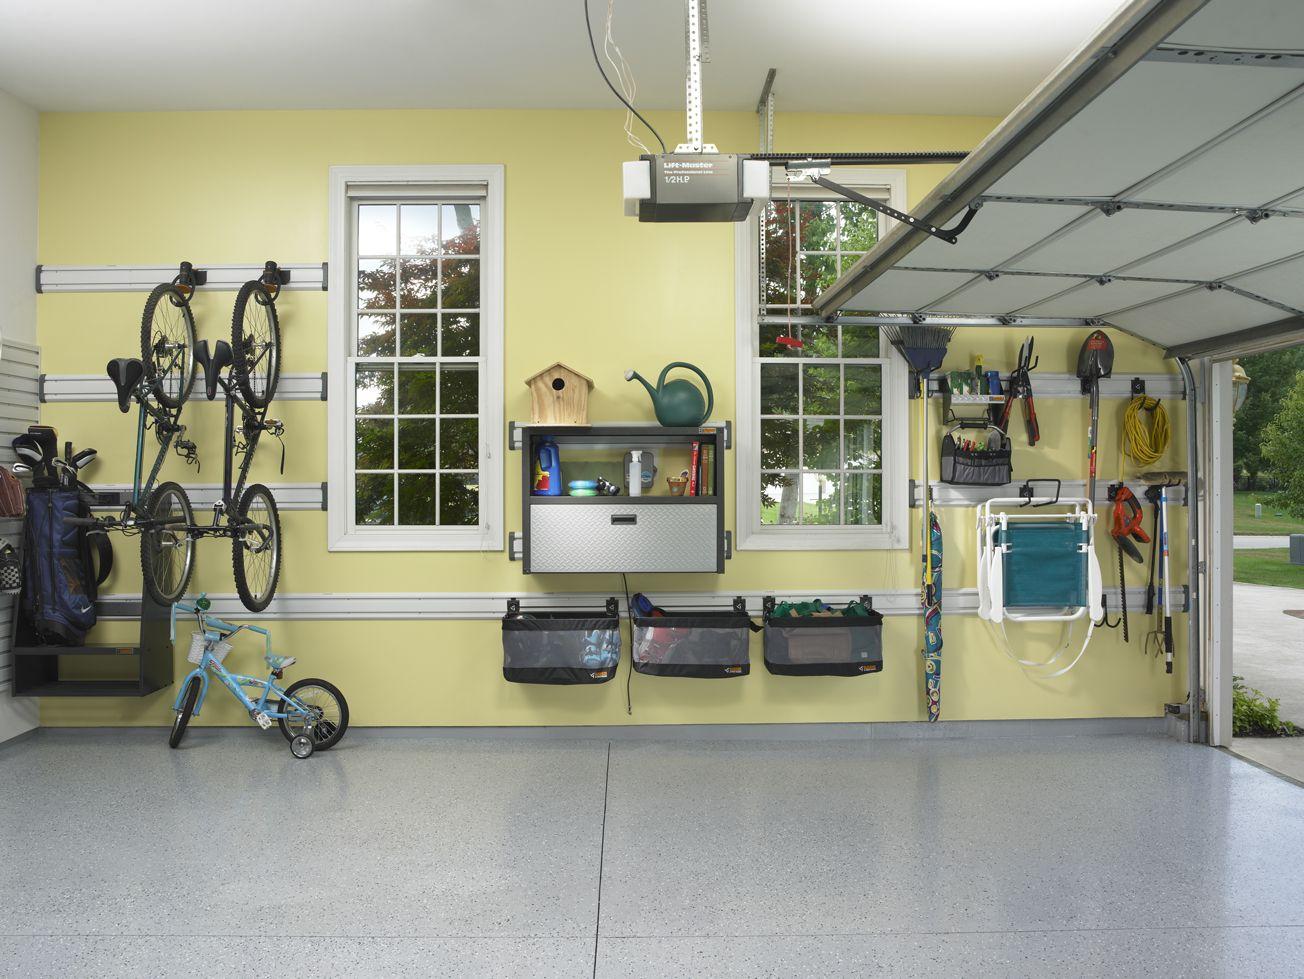 Robot Check Garage Organization Gladiator Garage Garage Storage Solutions